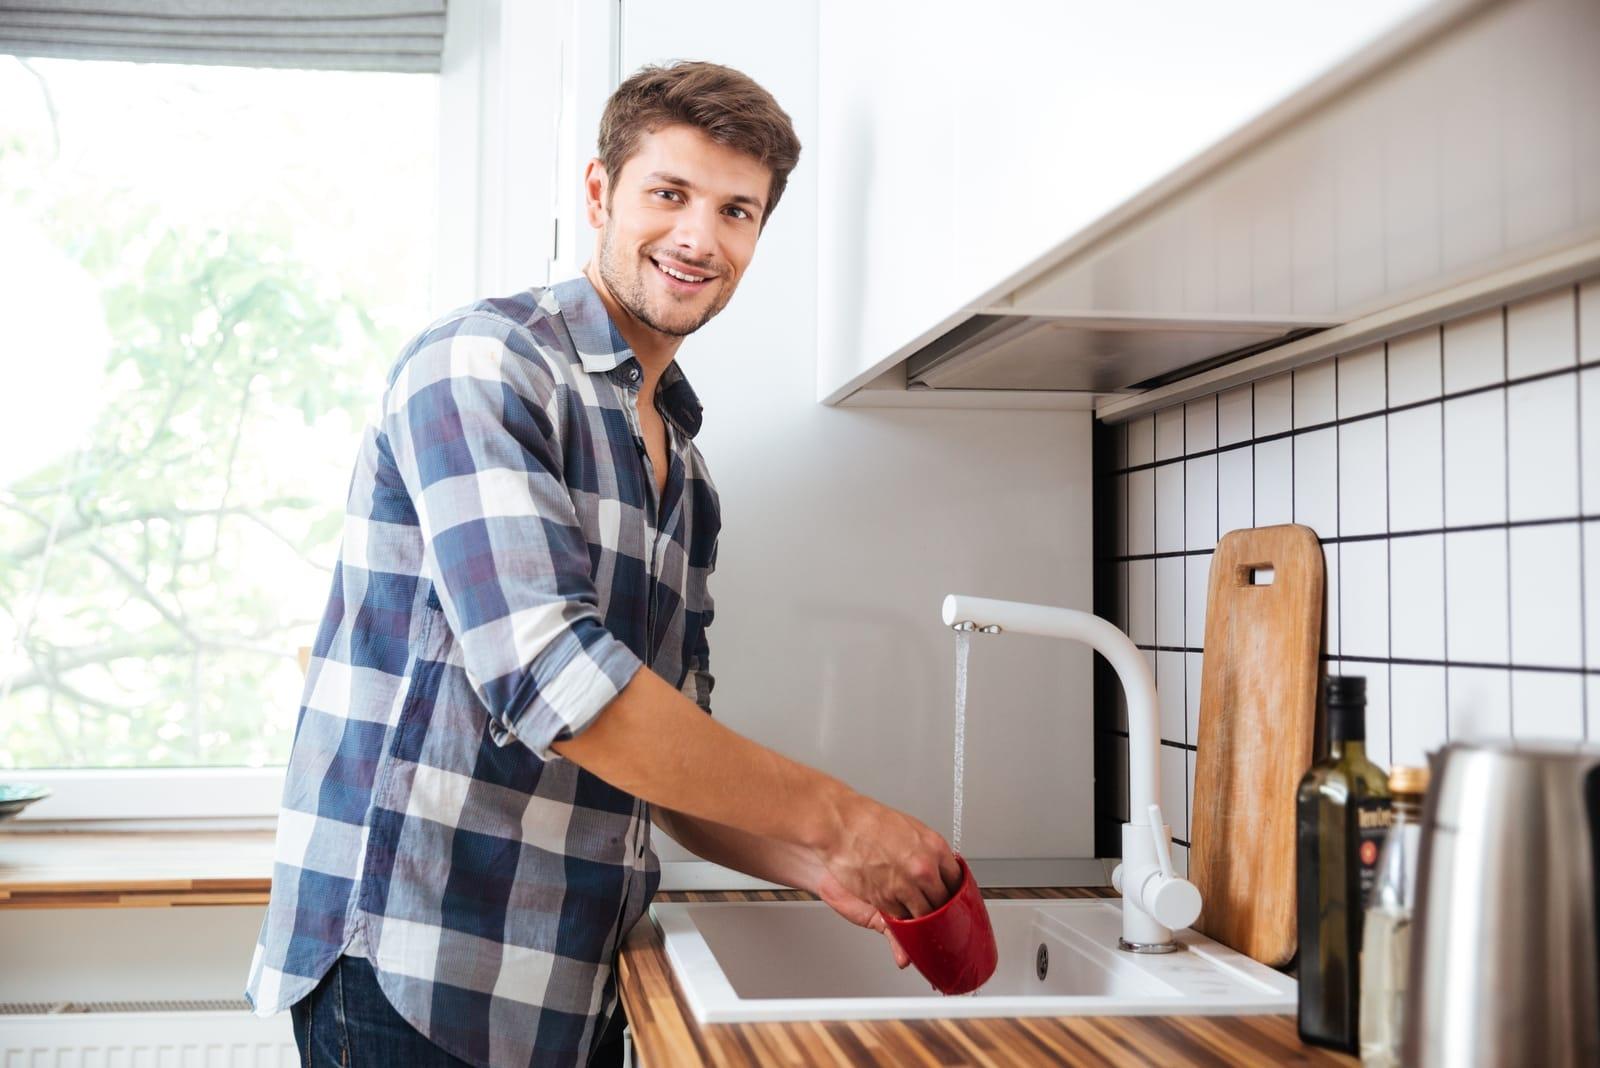 man washing red mug in sink